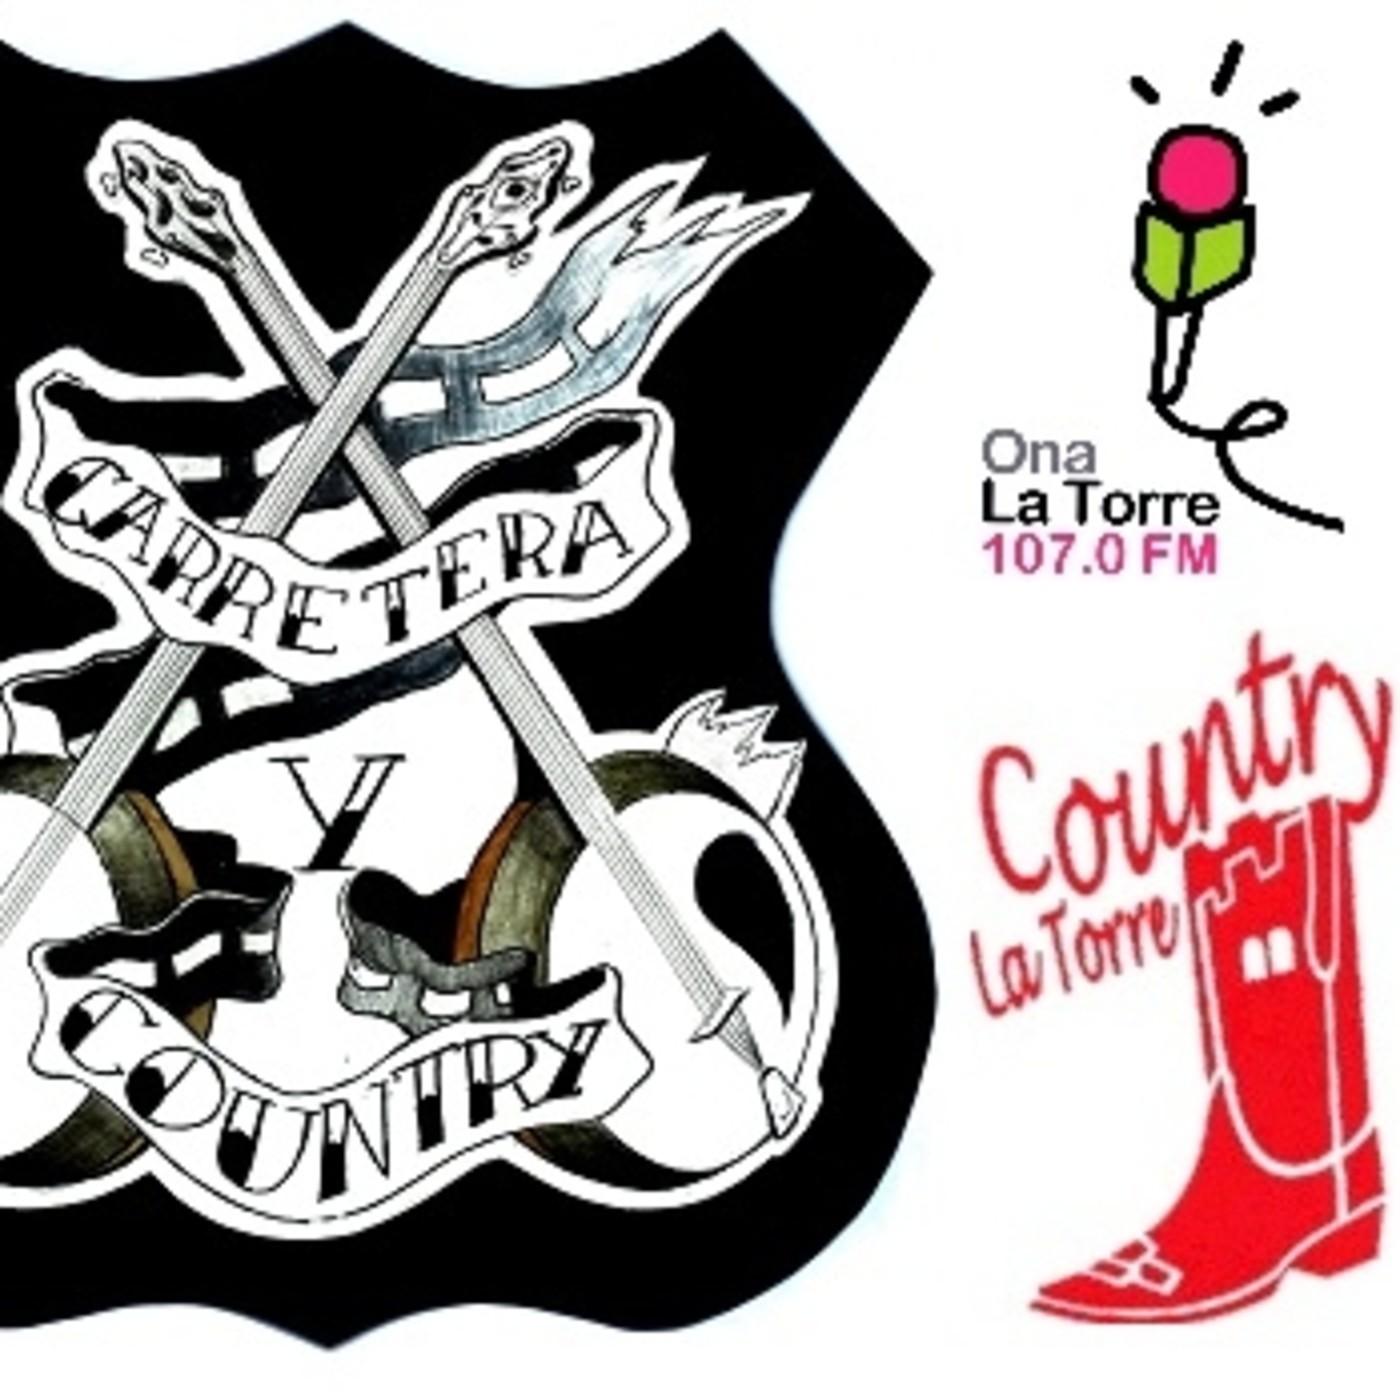 Country La Torre especial Carretera y Country: Reus Country Night